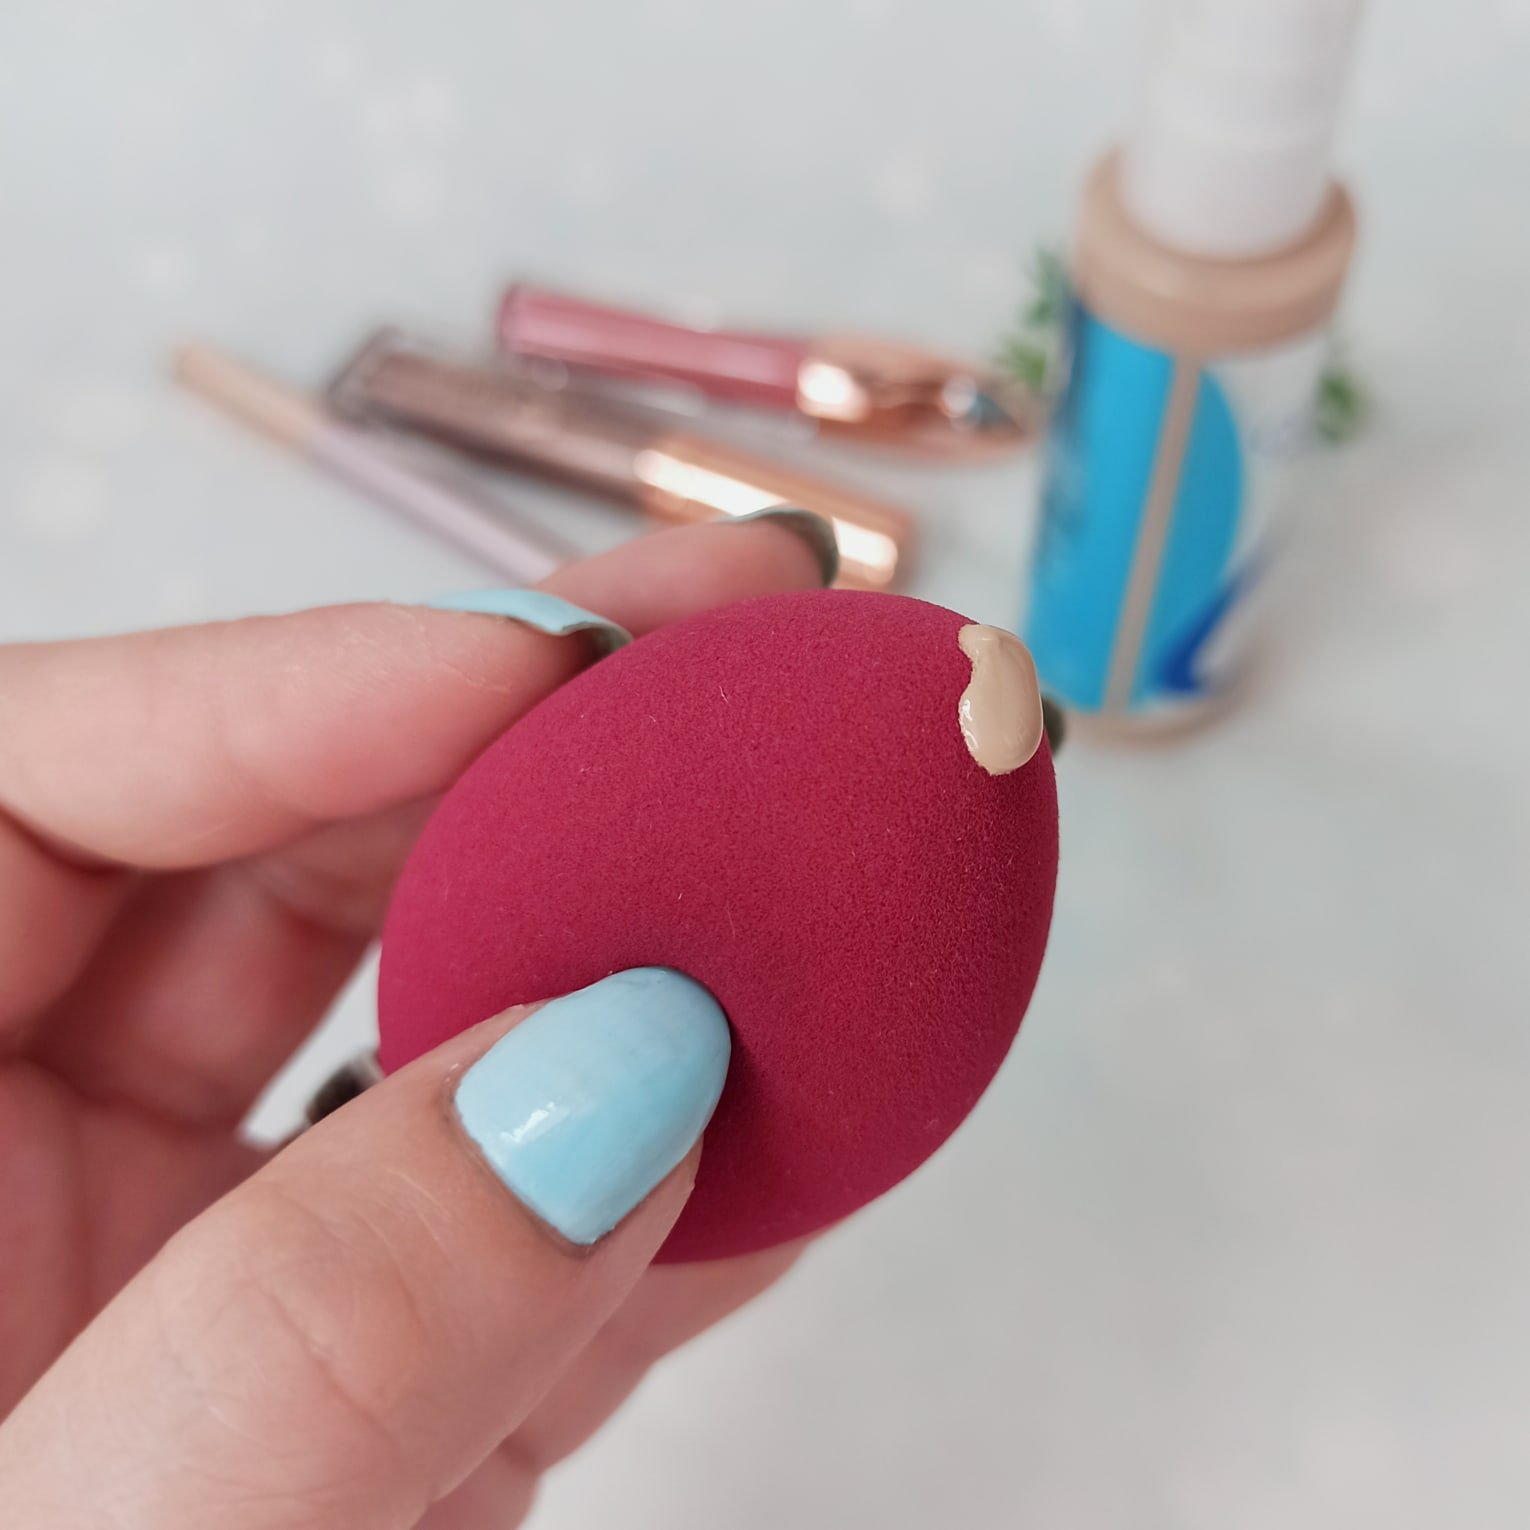 Обзор на скошенный спонж для макияжа - характеристики